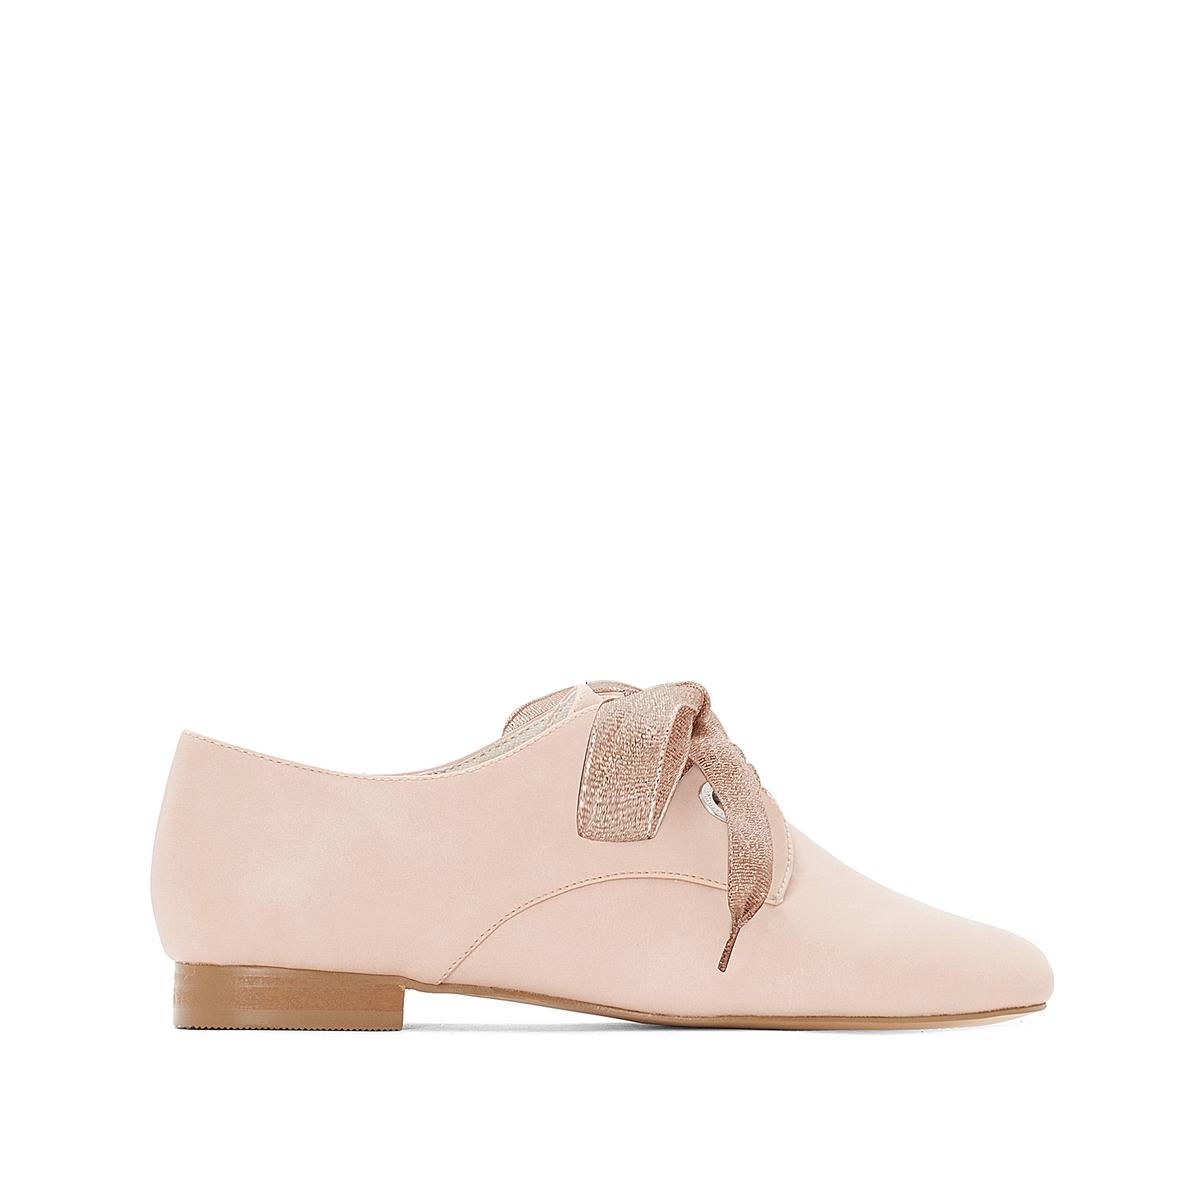 Ботинки-дерби мягкие на шнуровке в виде ленты